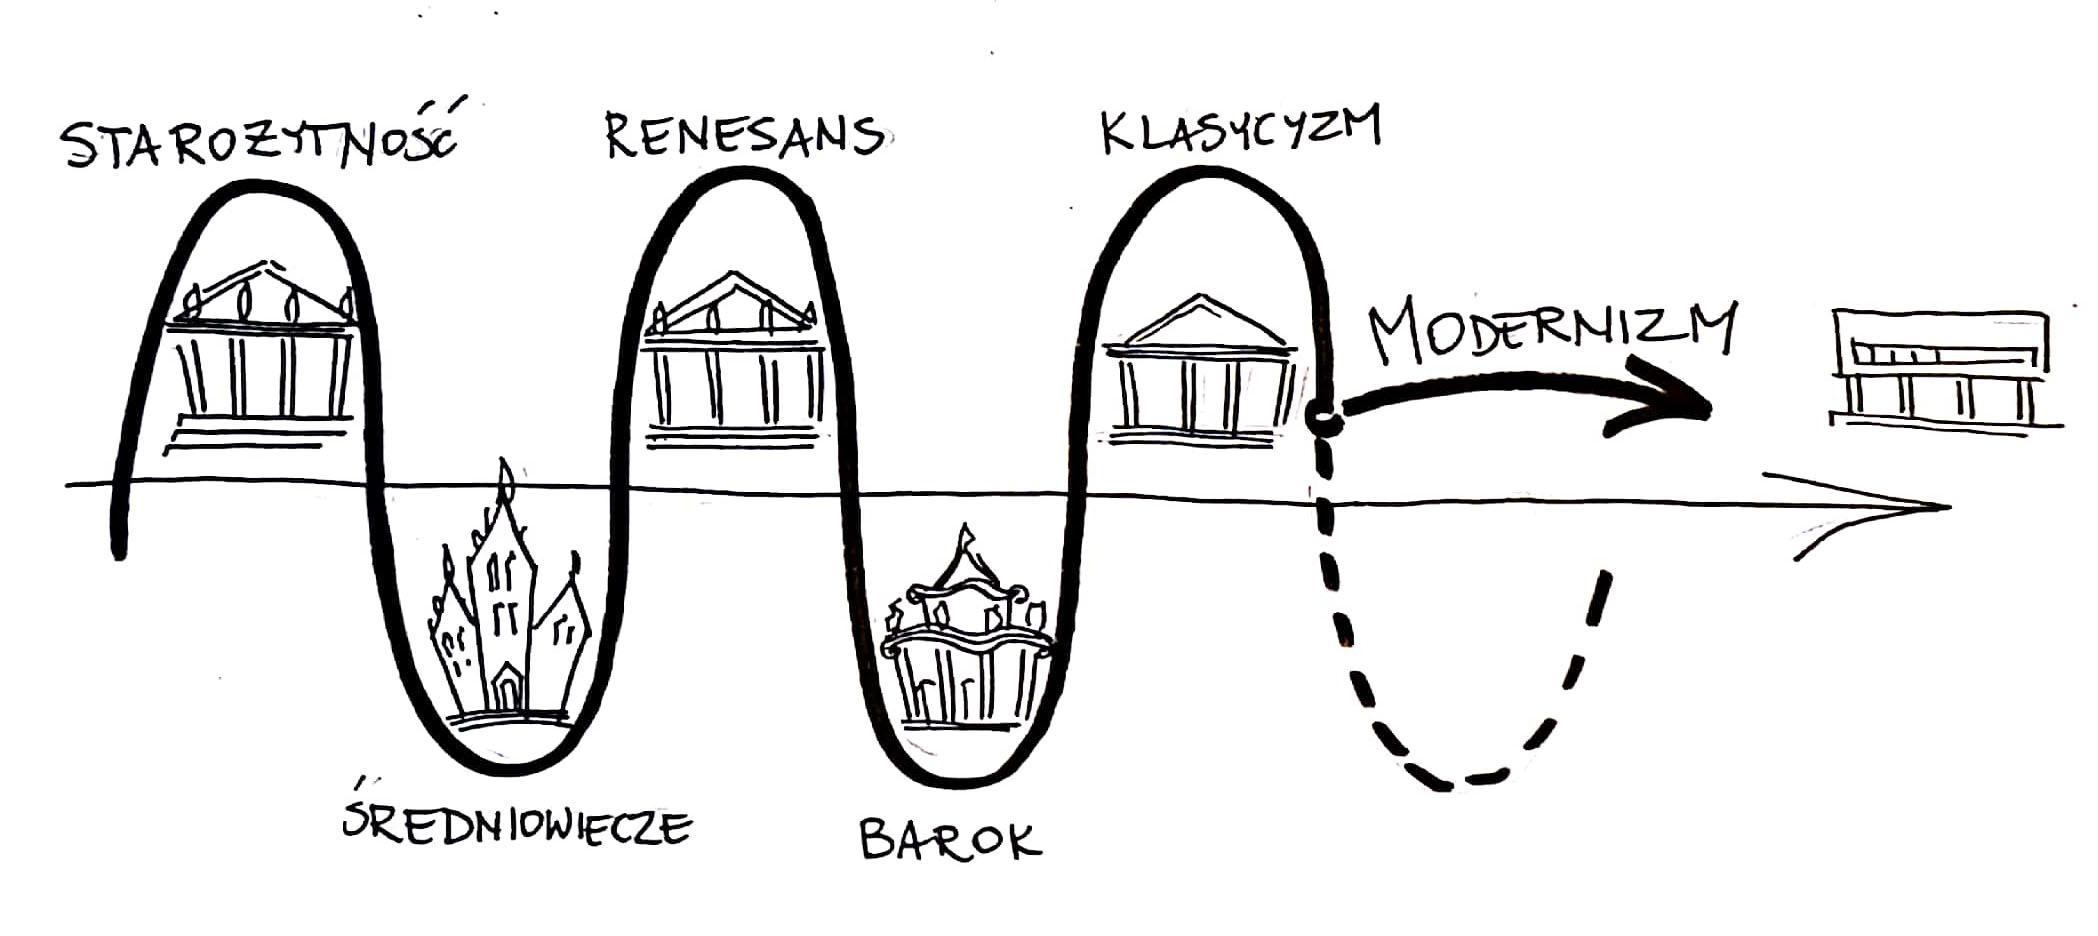 Oś_czas_Modernizm